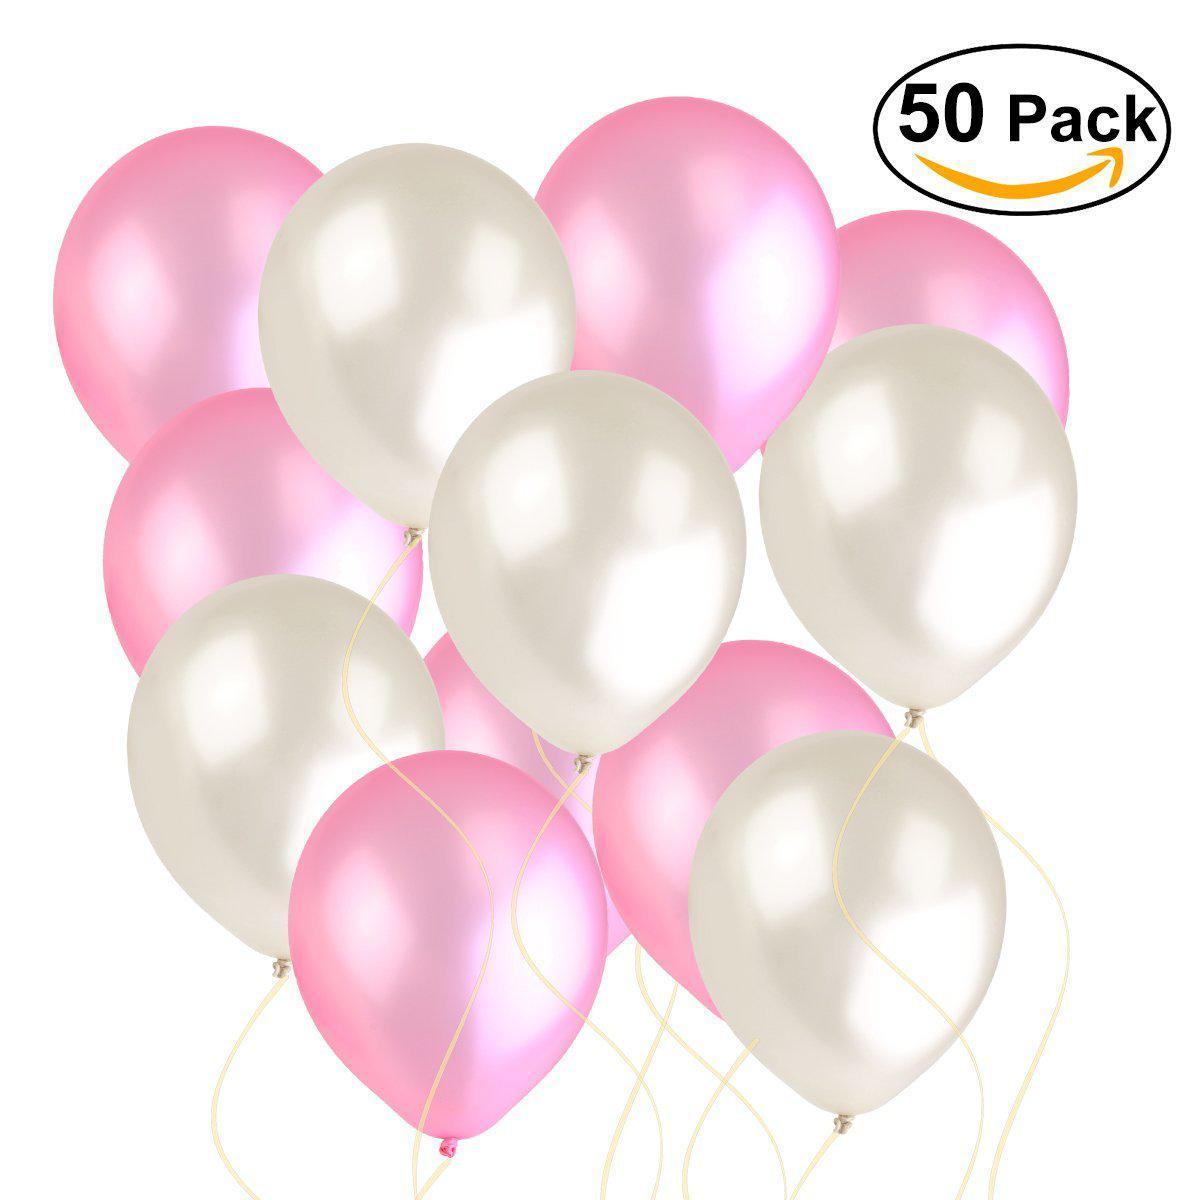 NUOLUX - Воздушные шары 50 шт.